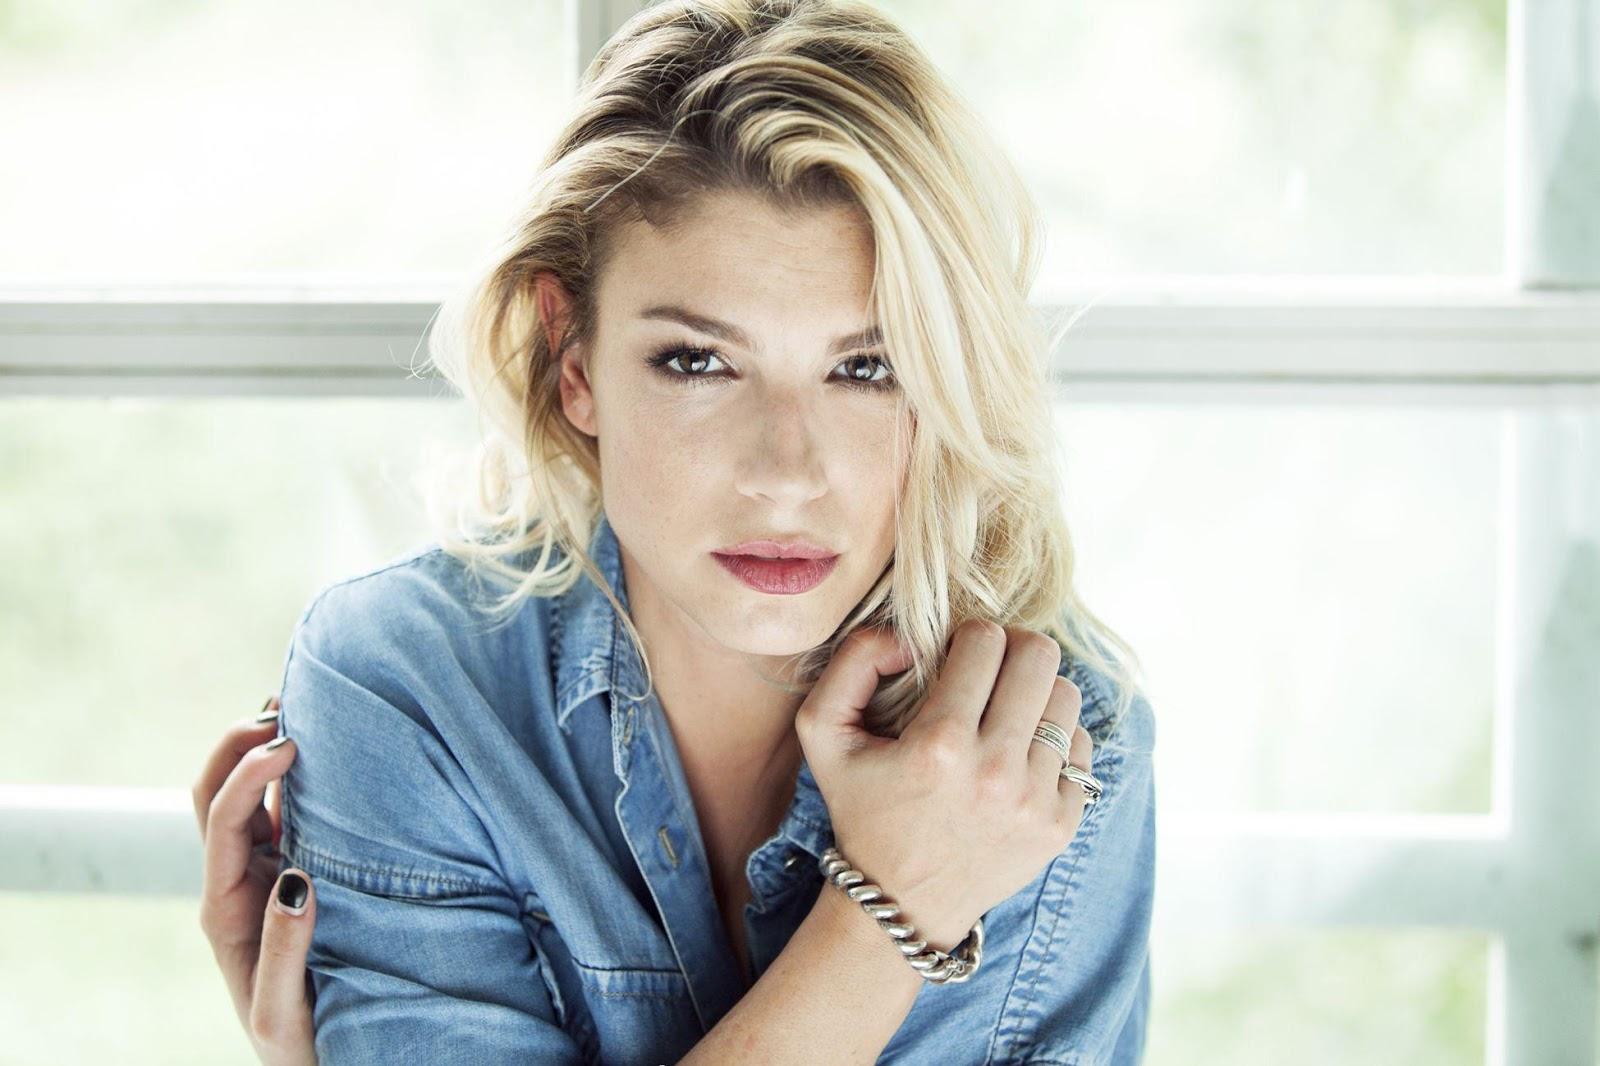 Senza averti mai  - Emma Marrone: Testo (lyrics), traduzione e video